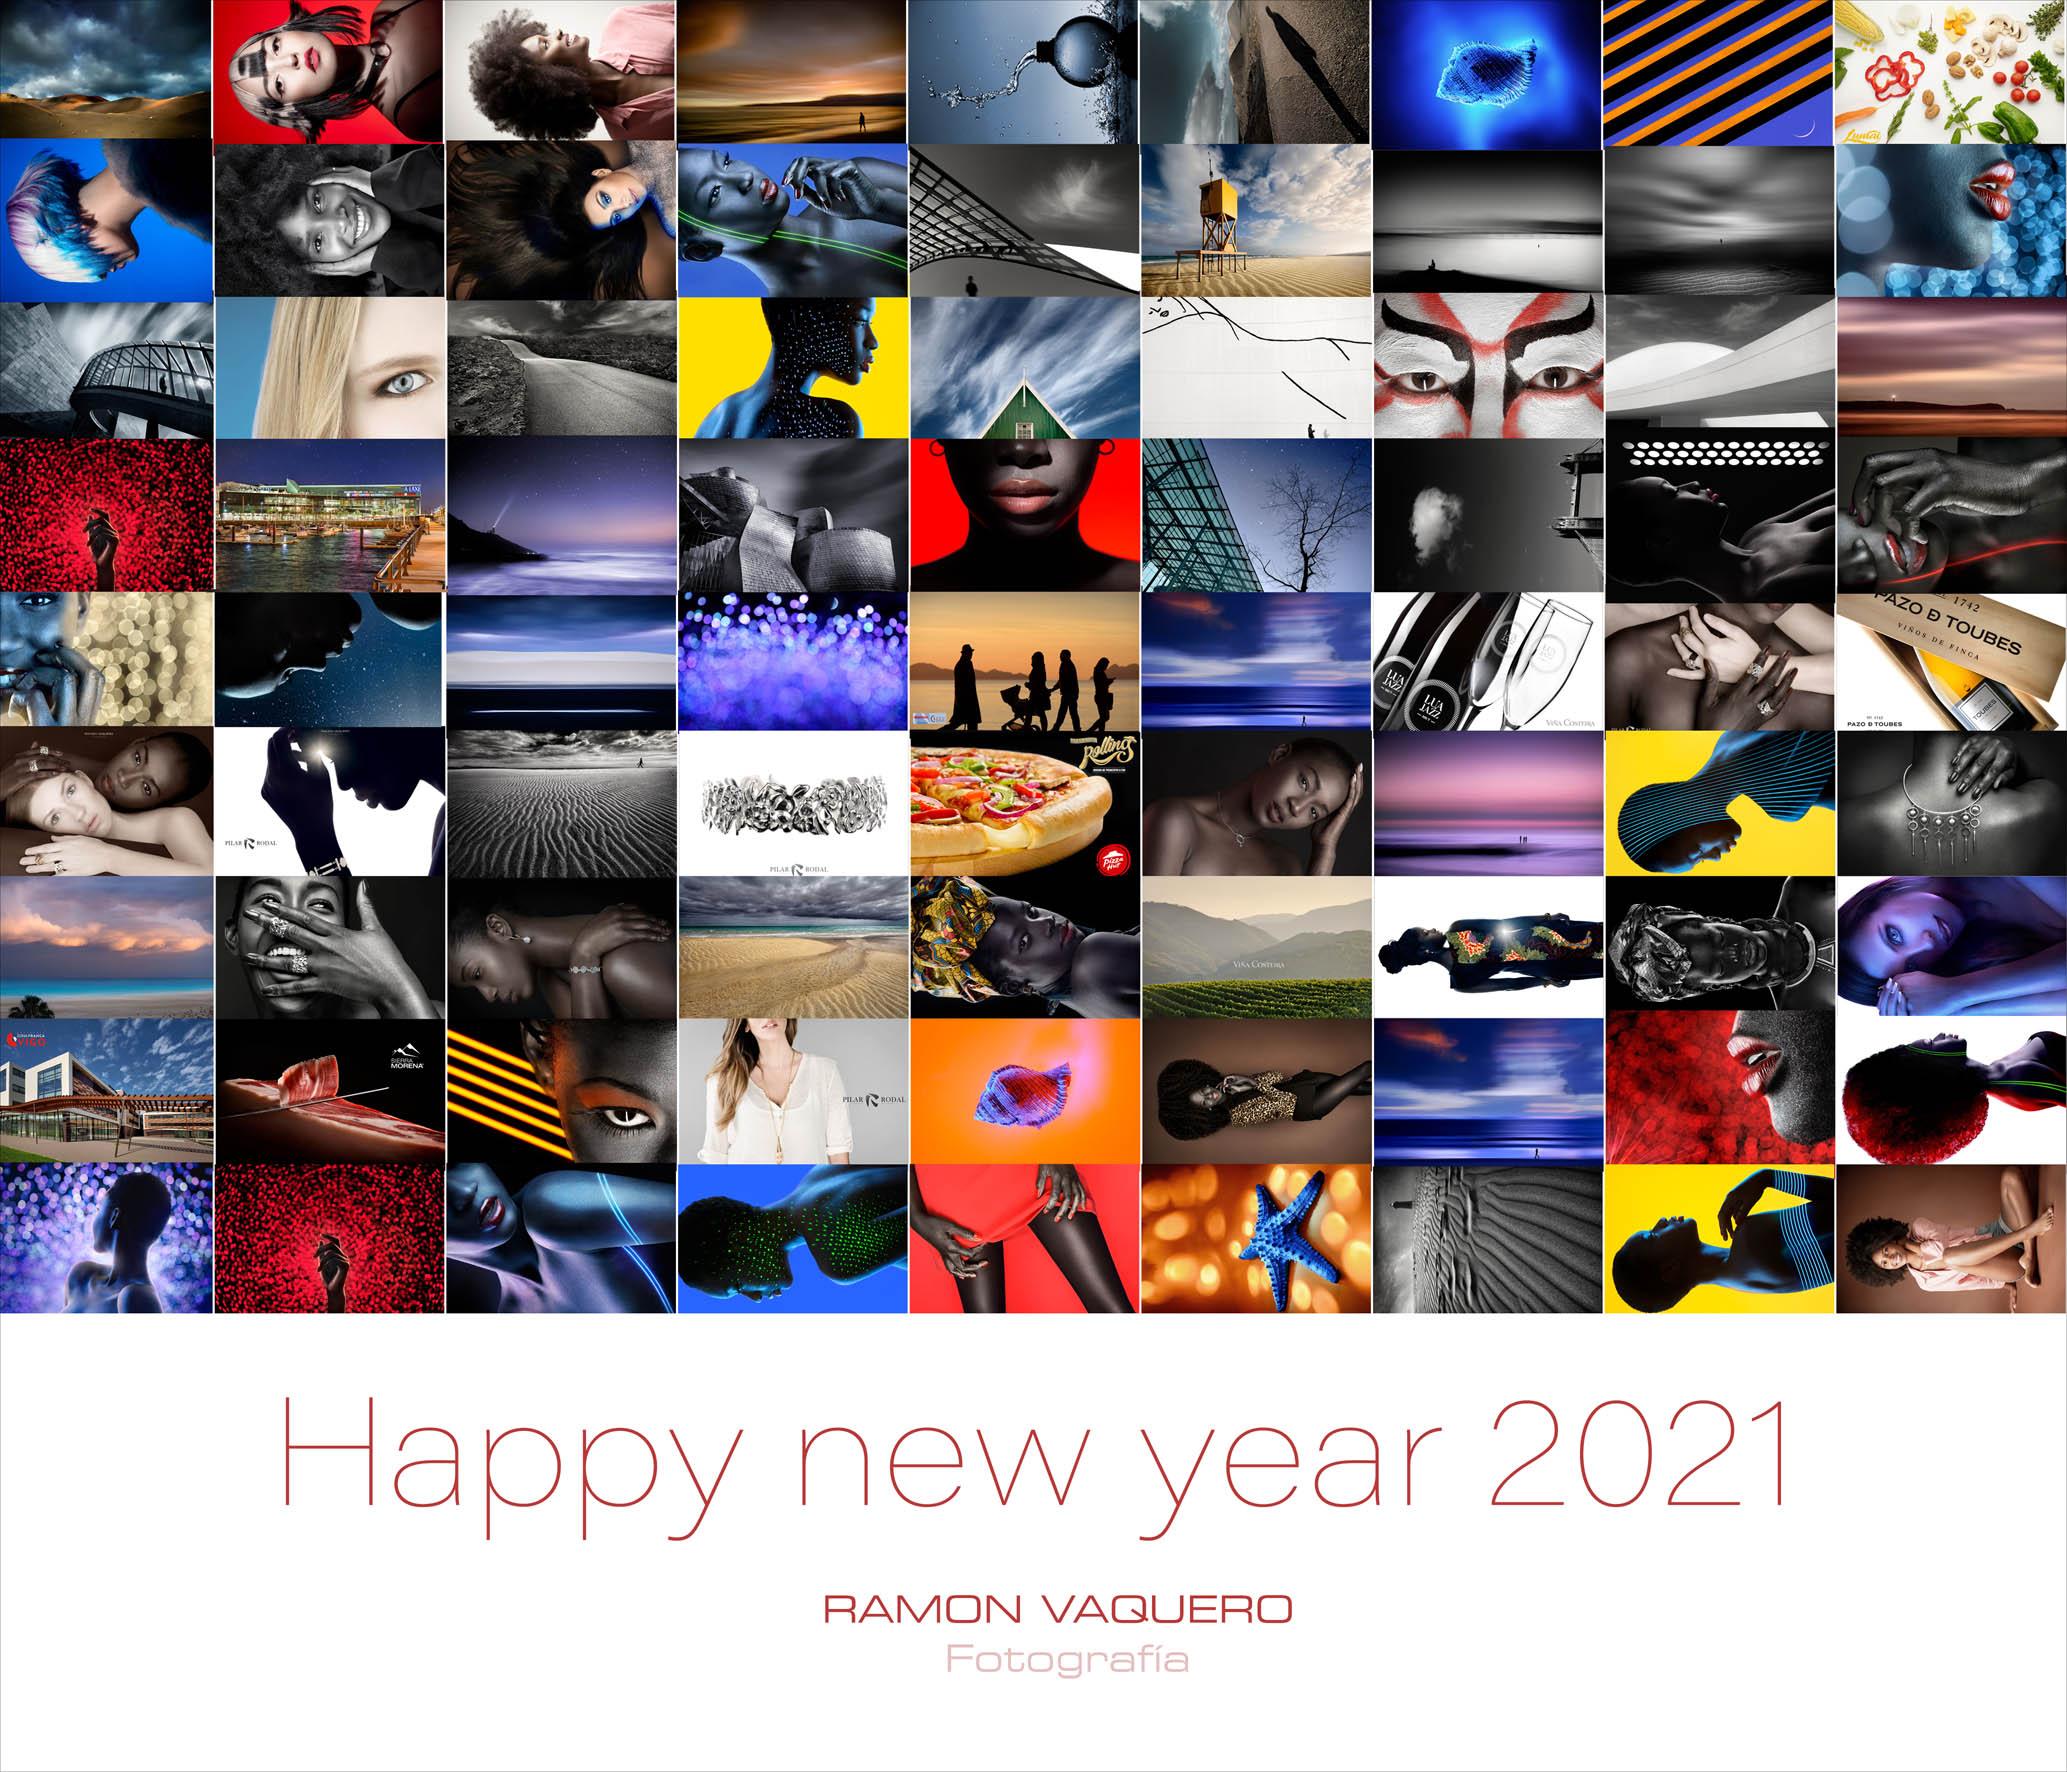 ramon_vaquero_postal_2021_eng